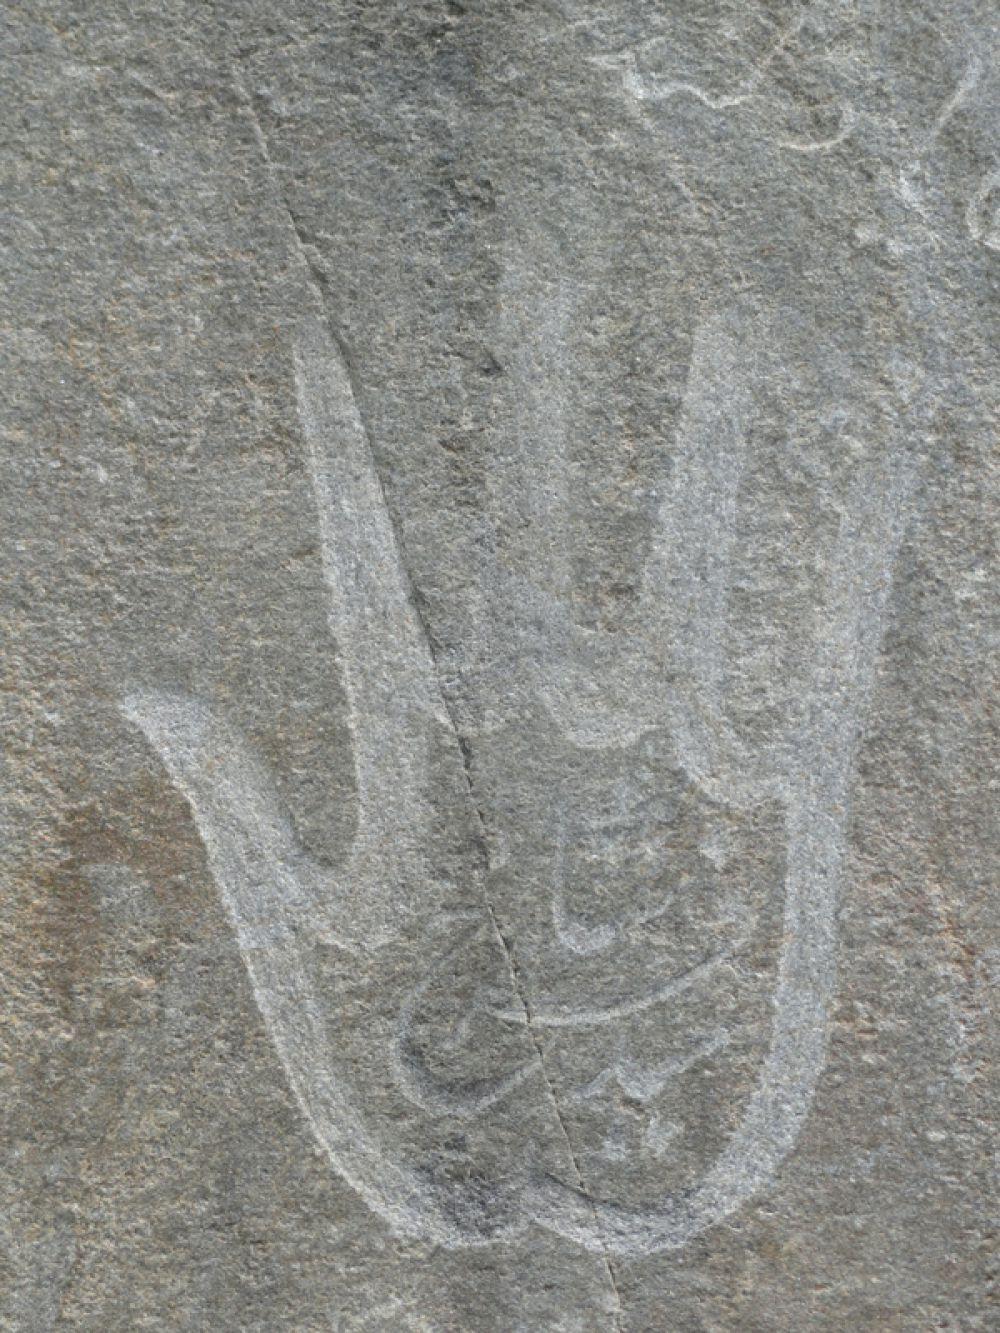 Раскрытая ладонь - древний символ памирских исмаилитов